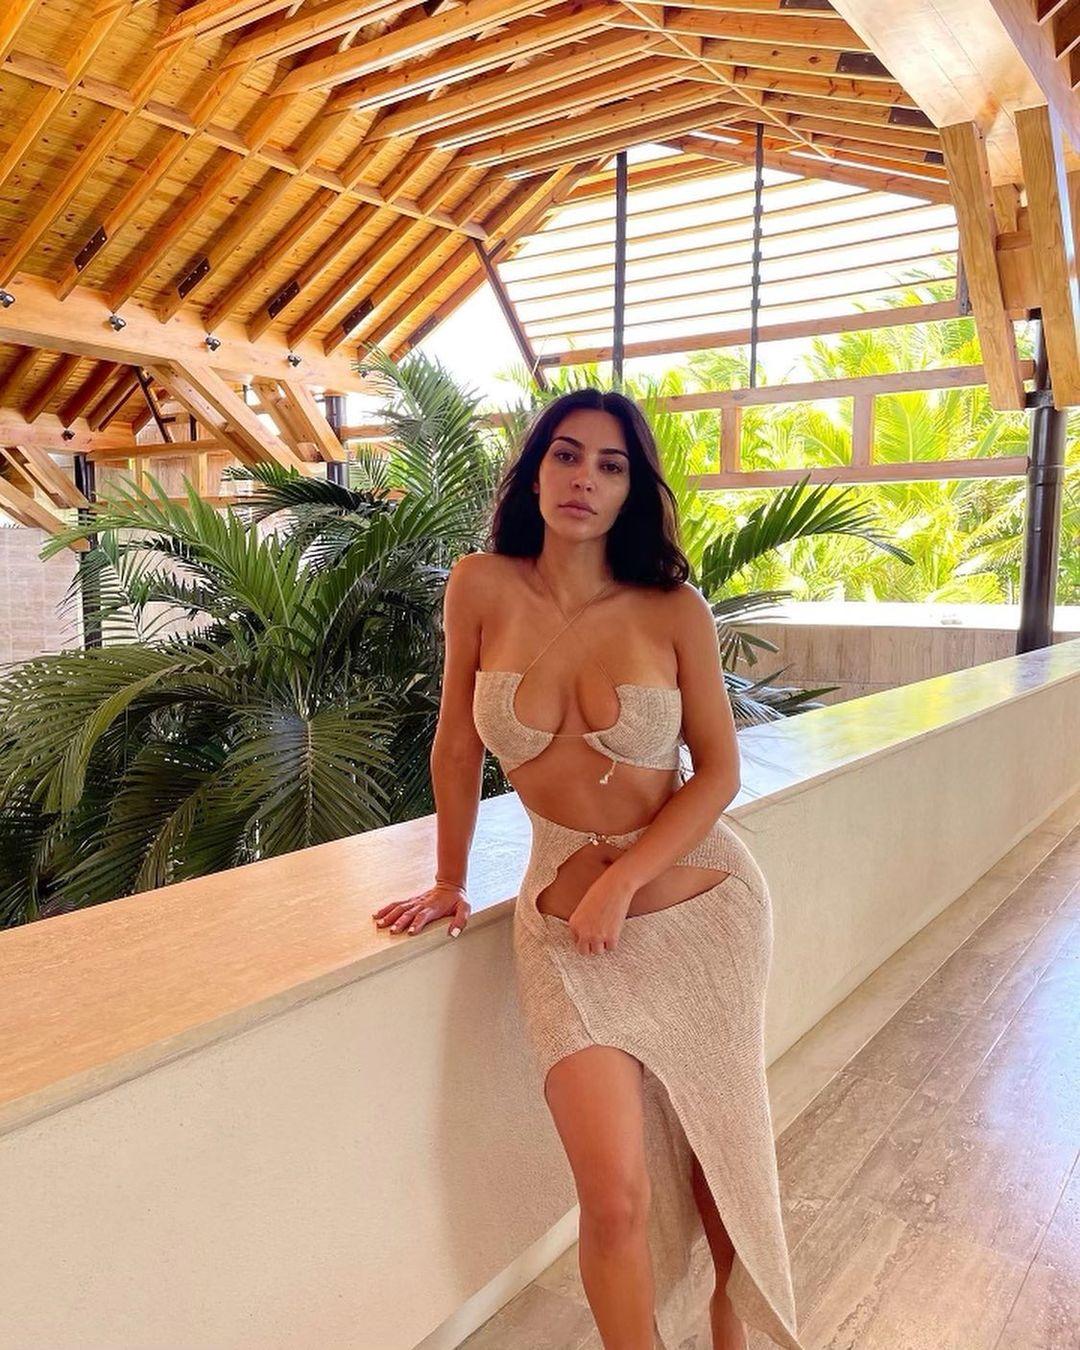 Kim Ks Tits photo 15